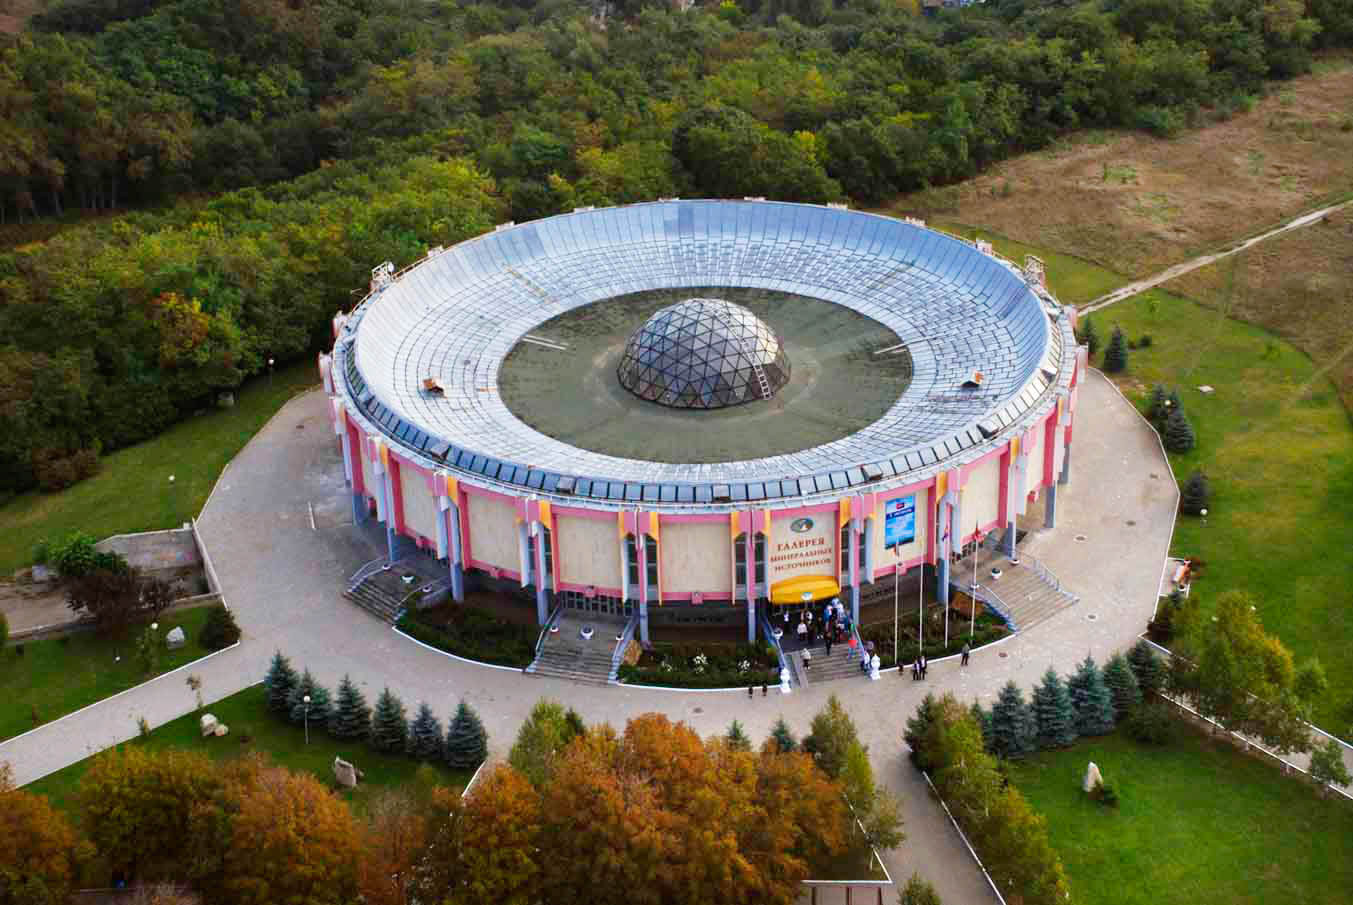 Санаторий «Виктория» — санаторий с самой большой питьевой галереей в Европе